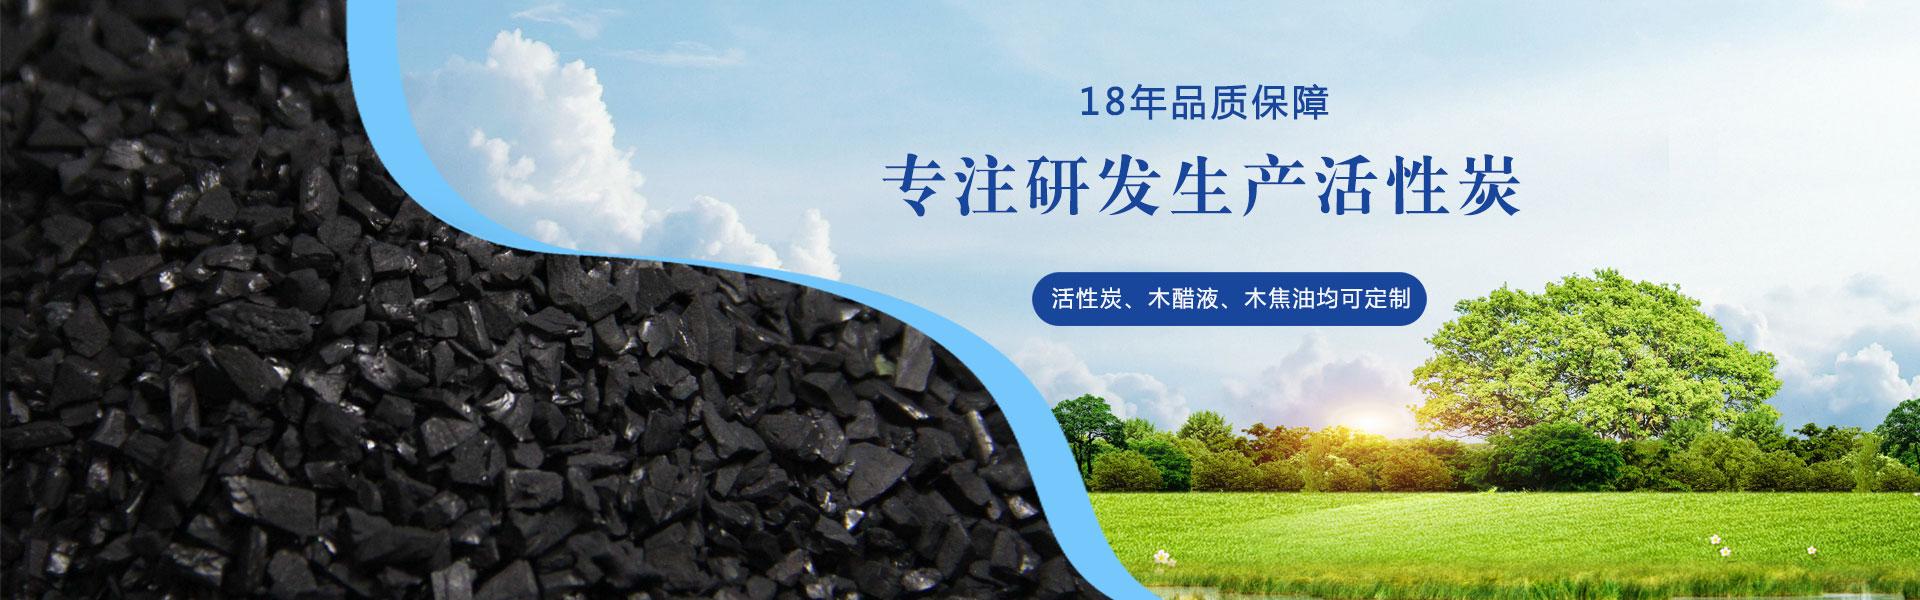 木醋液,木醋液厂家,木焦油价格,木焦油,木醋液厂家,木焦油价格,木焦油